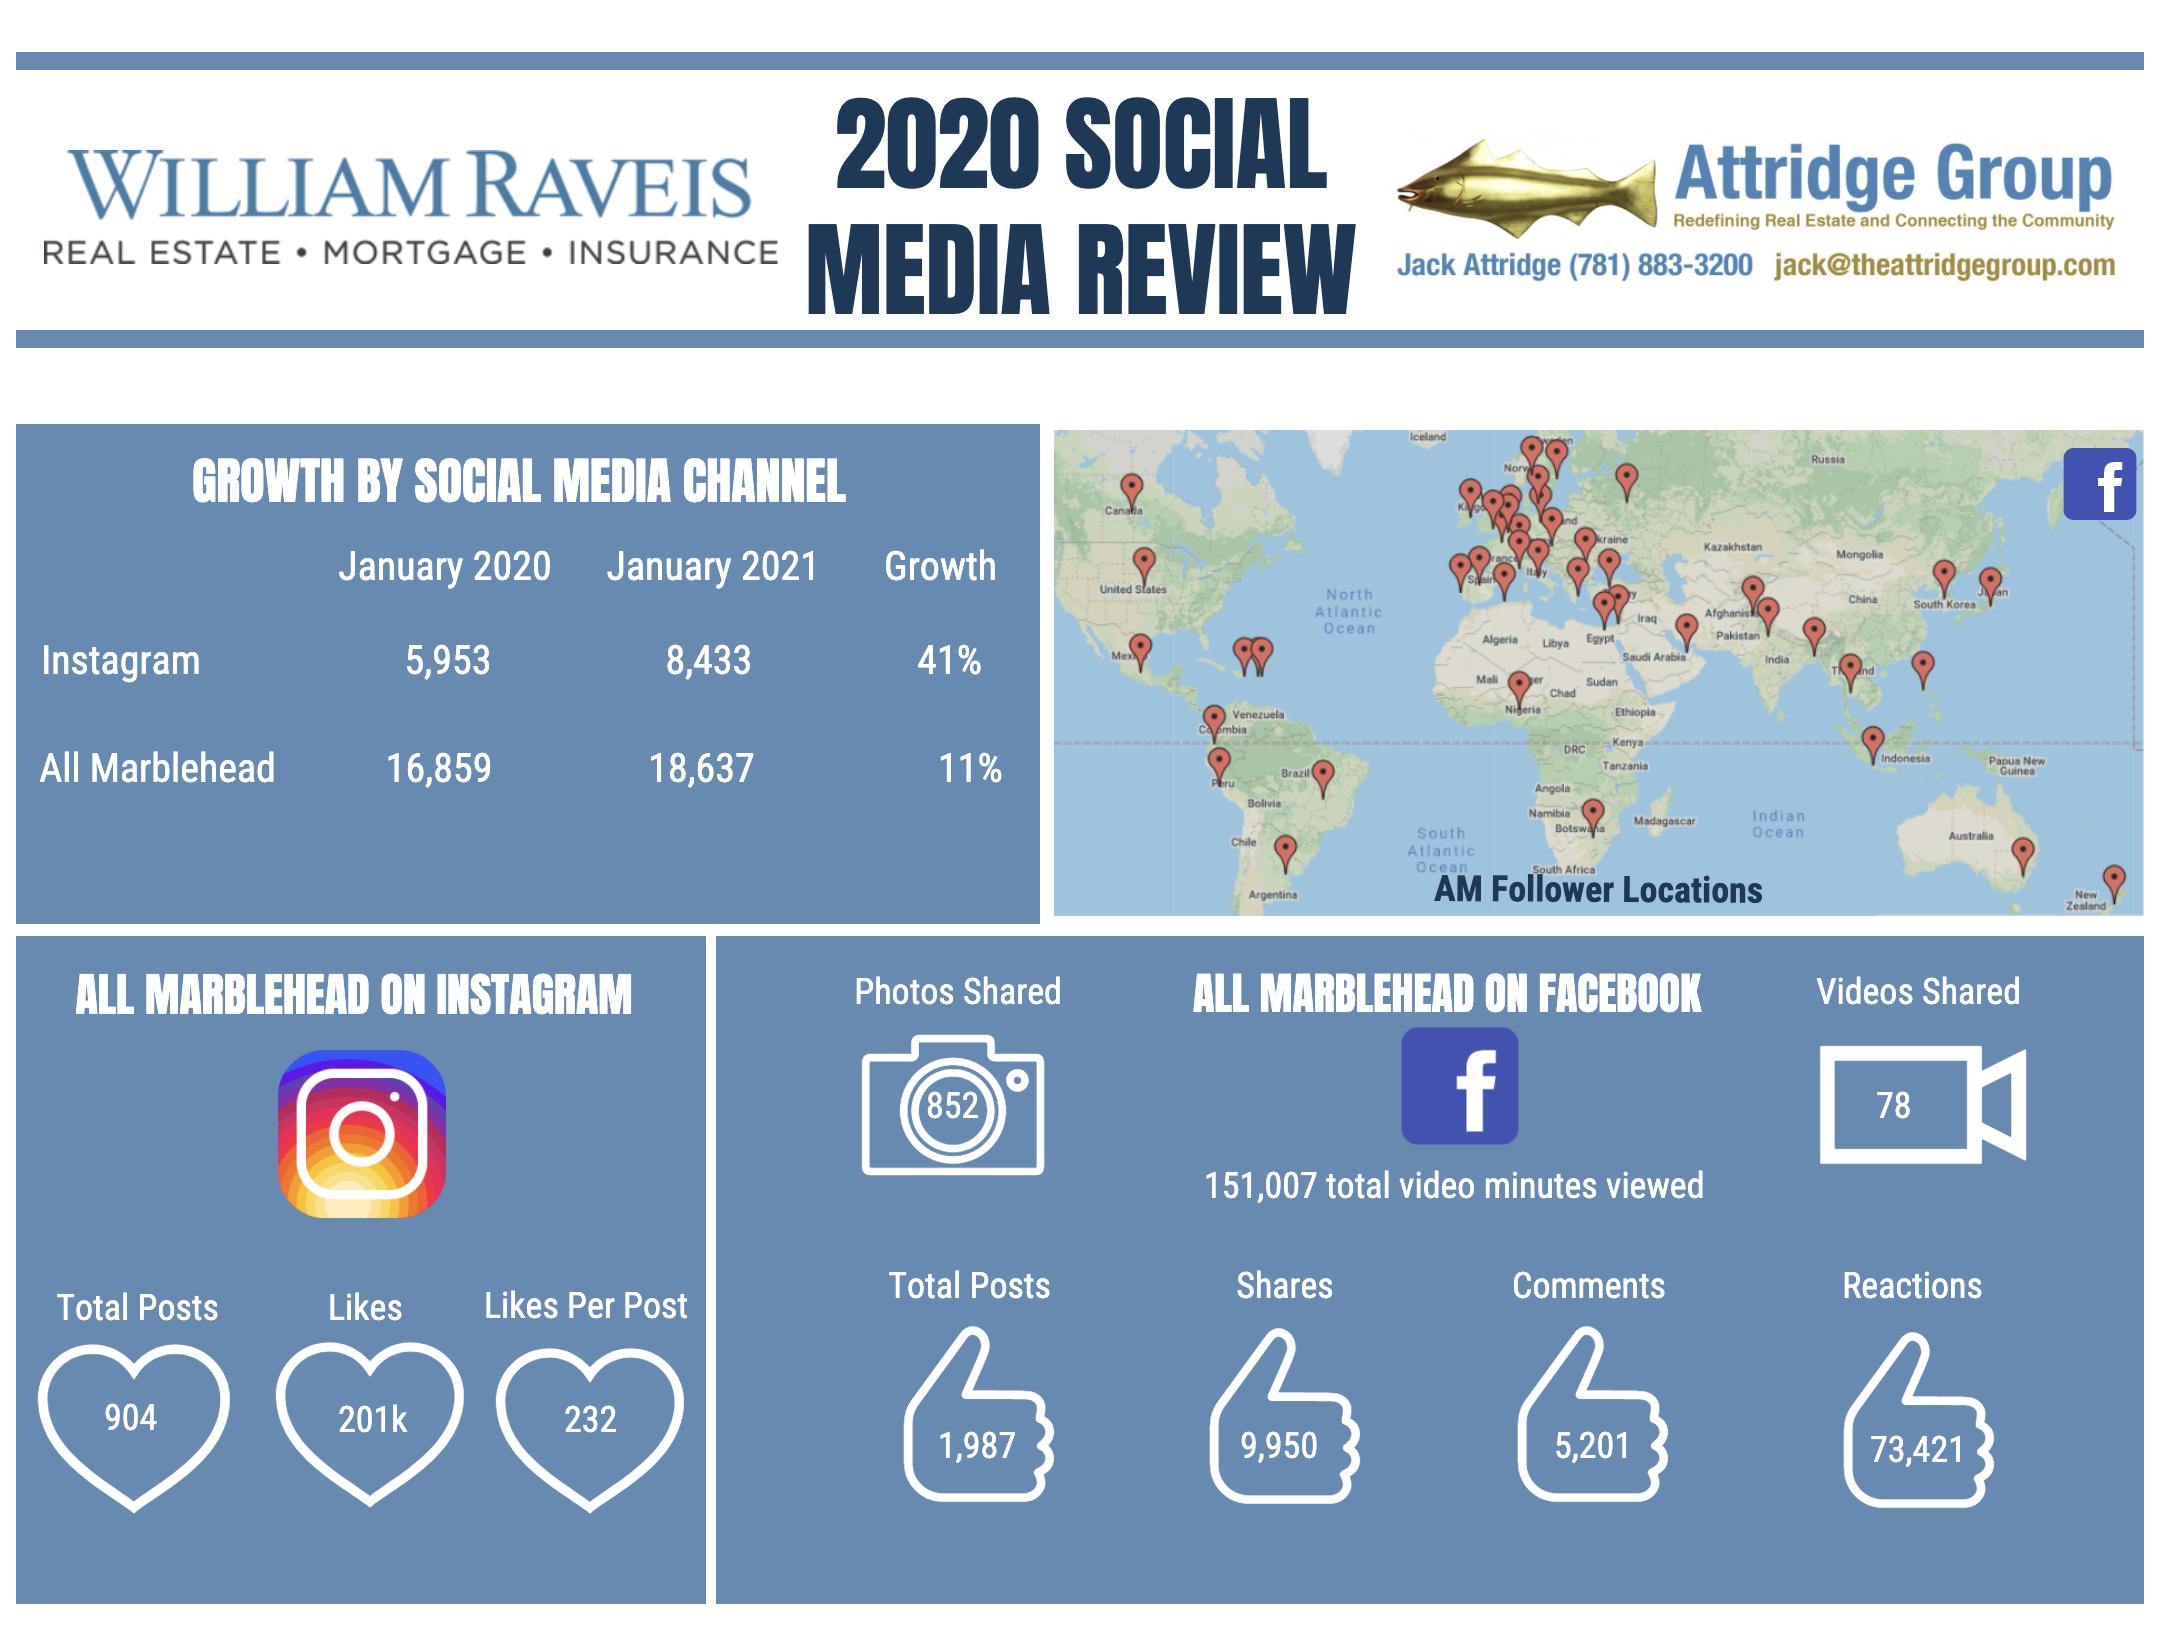 2020 Social Media